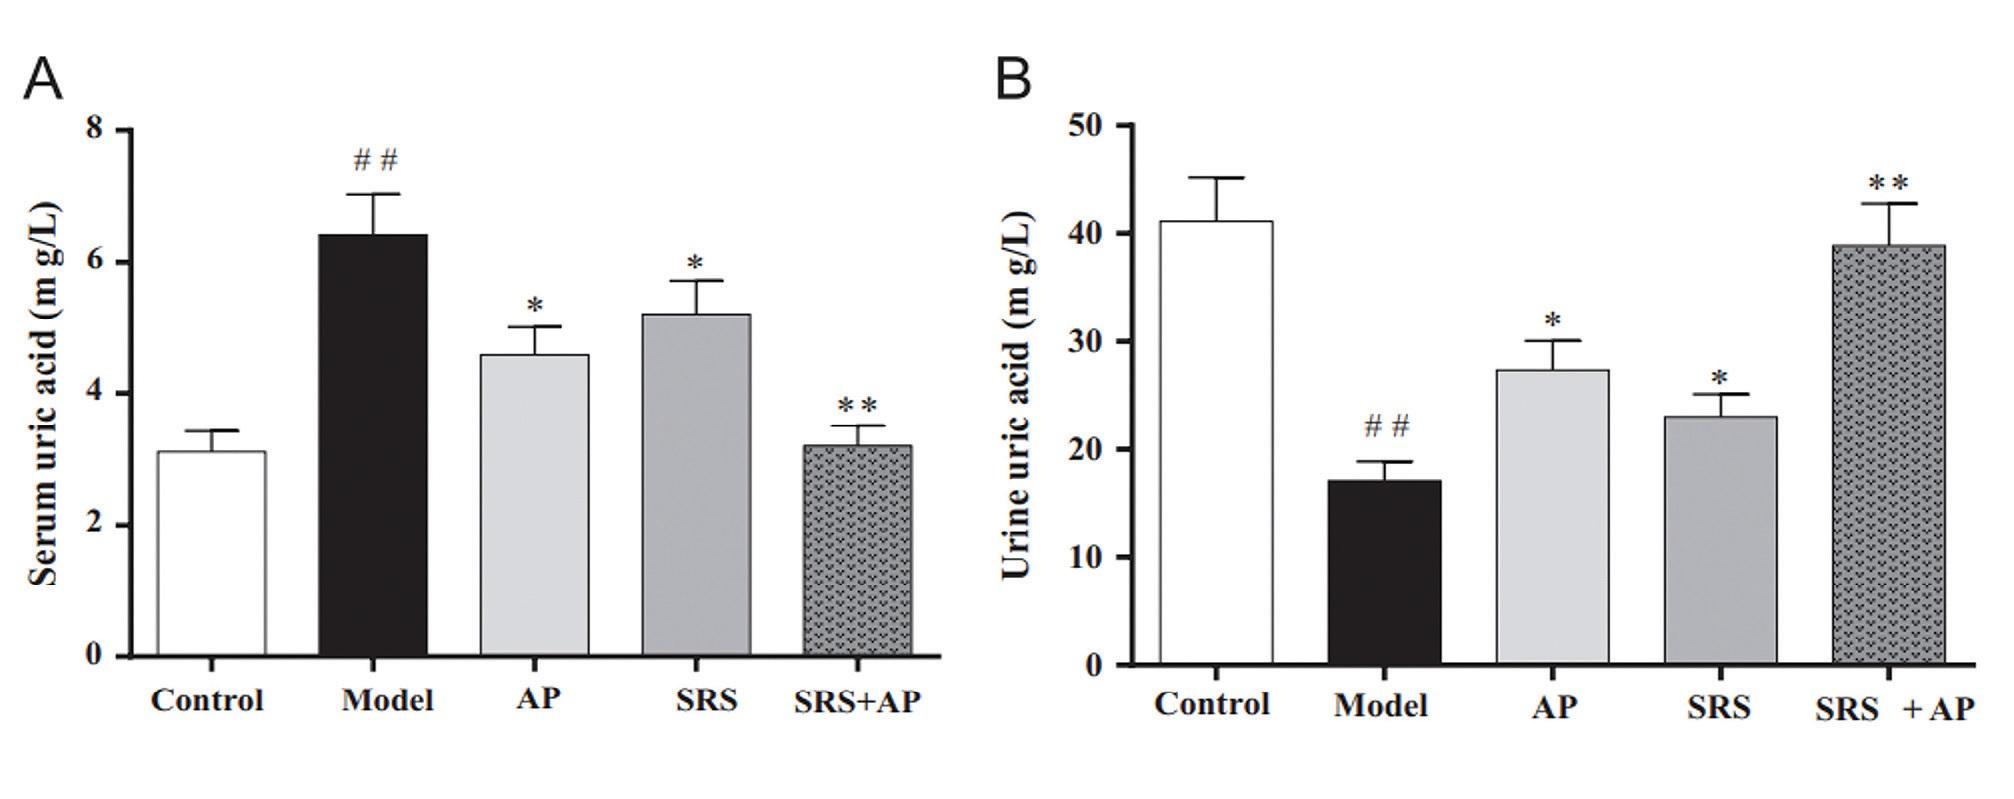 Влияние аллопуринола, SRS (сапонины Smilax riparia) и их комбинации на уровень мочевой кислоты в сыворотке крови (A) и в моче (B) у мышей с гиперурикемией.